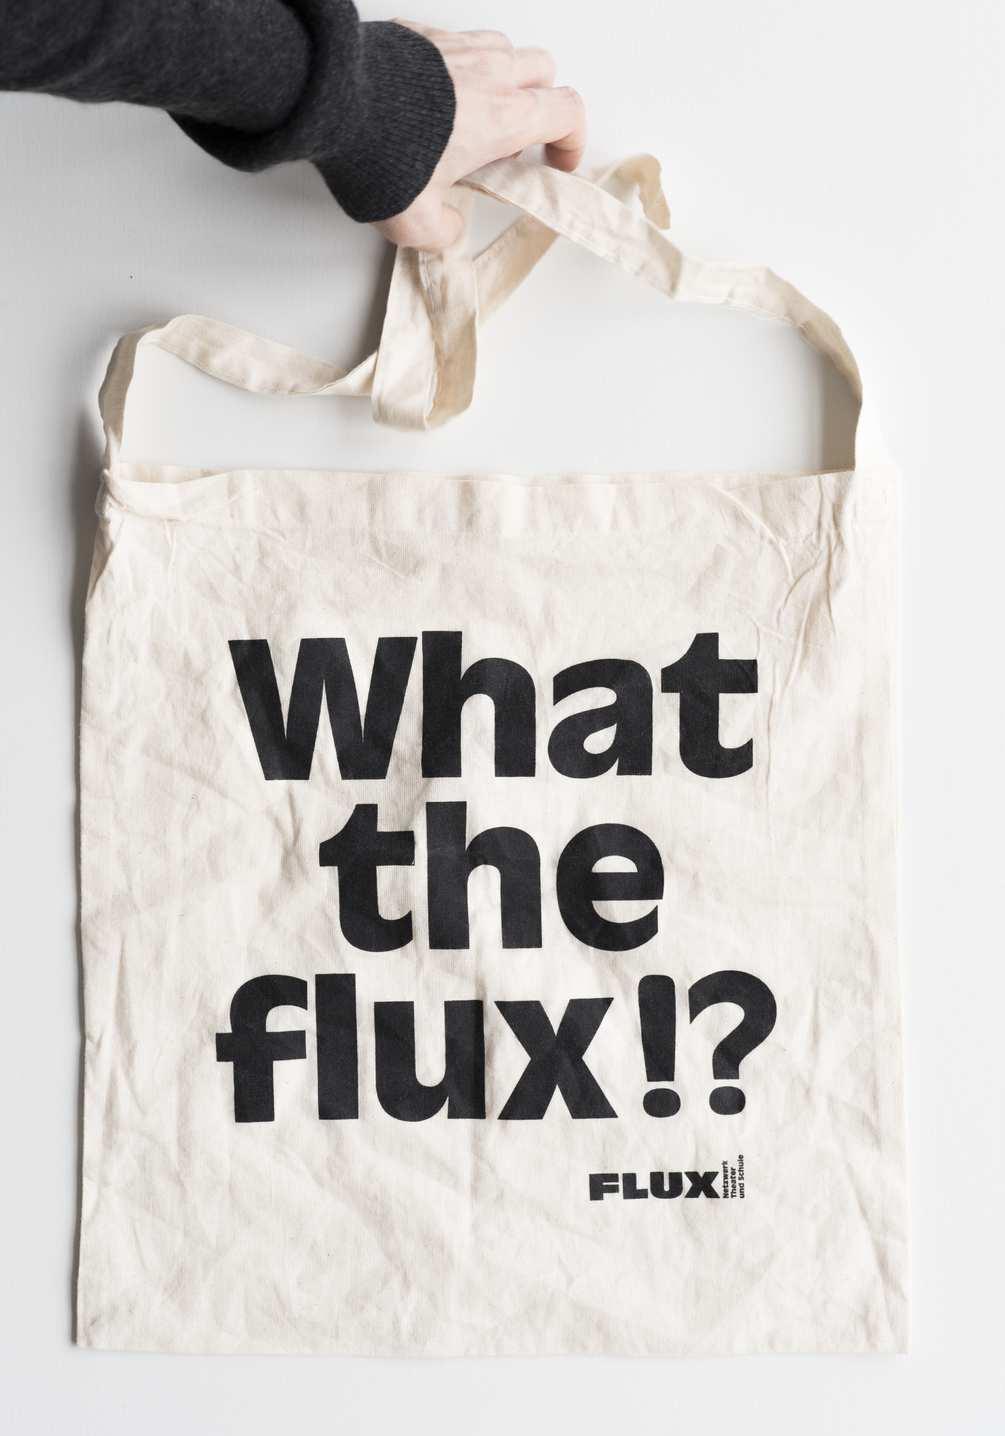 flux-bag-2-1005x1435px